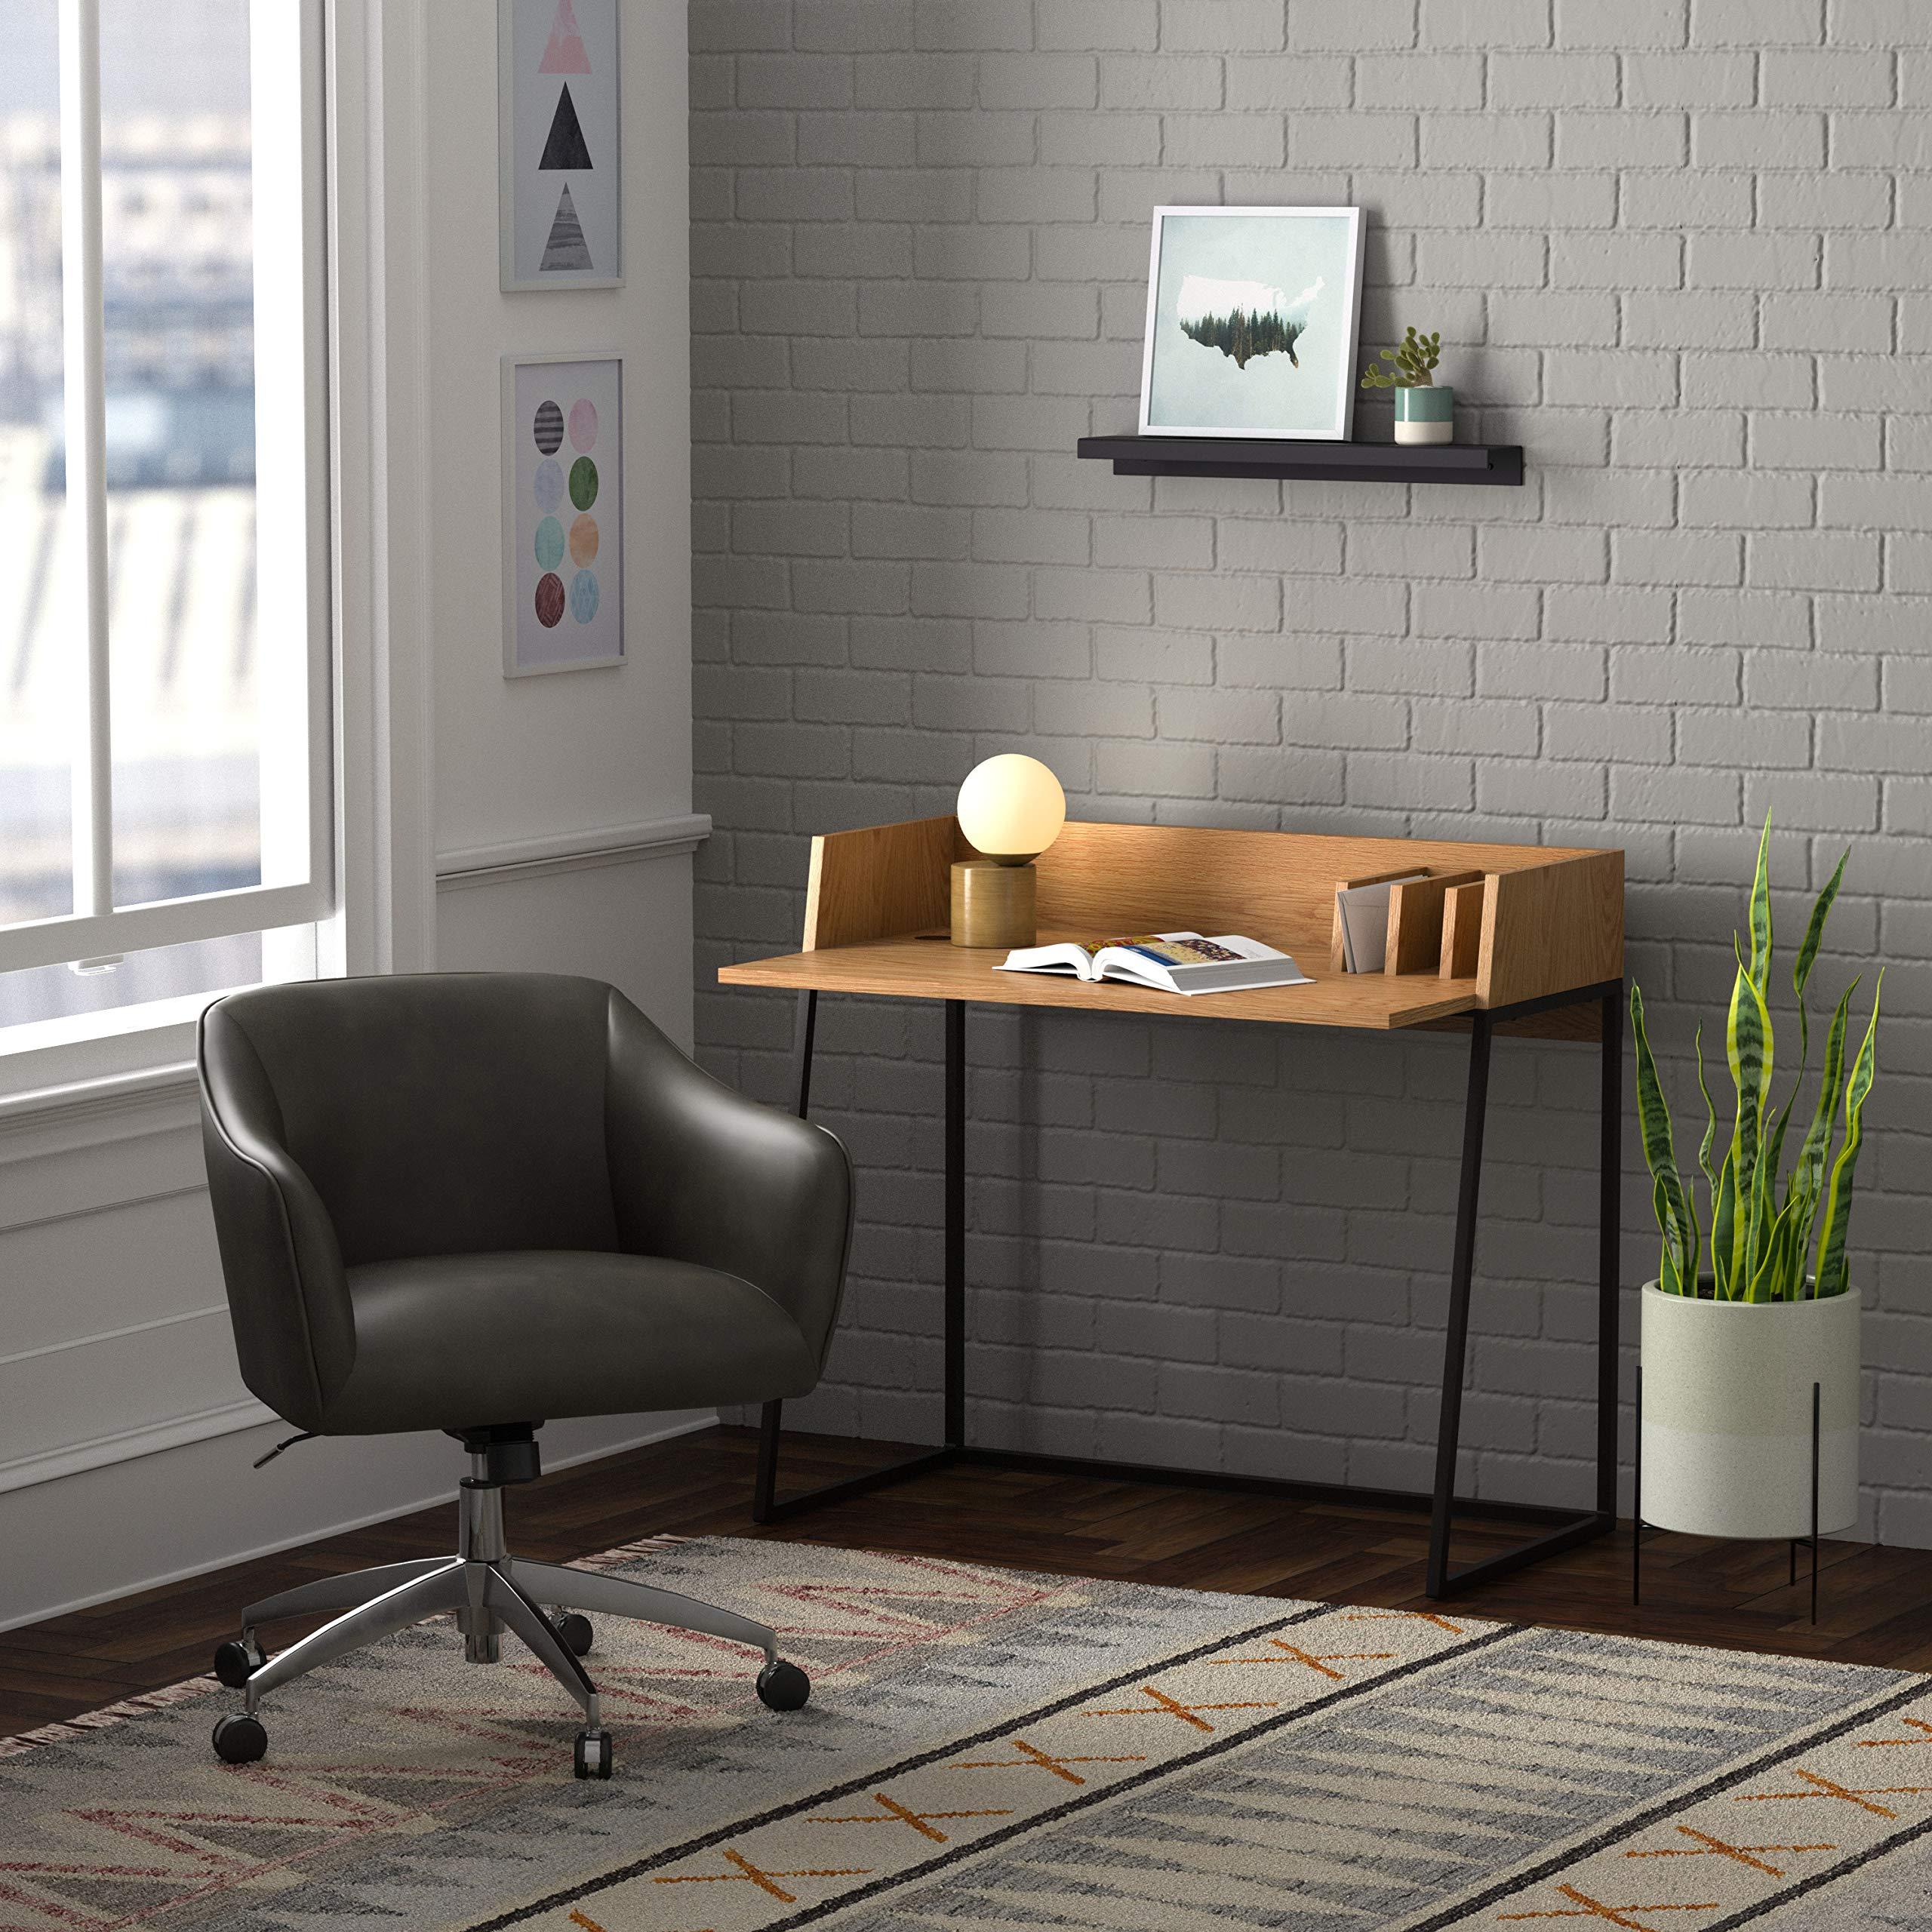 Gợi ý bạn những mẫu bàn làm việc tại nhà giúp bạn nâng cao hiệu suất làm việc như tại công ty - Ảnh 7.